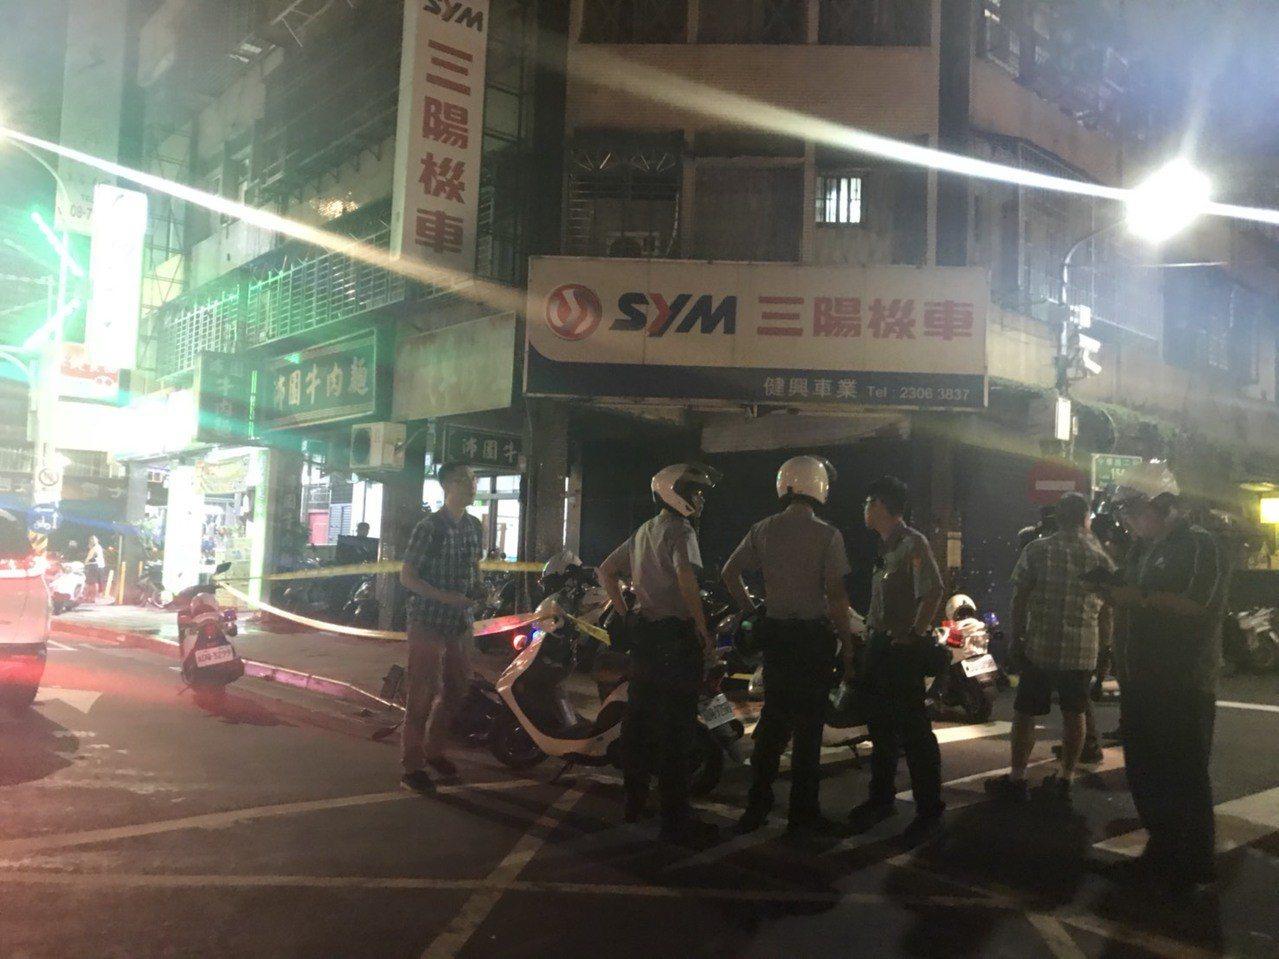 墜樓男子壓傷機車騎士,警方到場處理。記者蕭雅娟/攝影